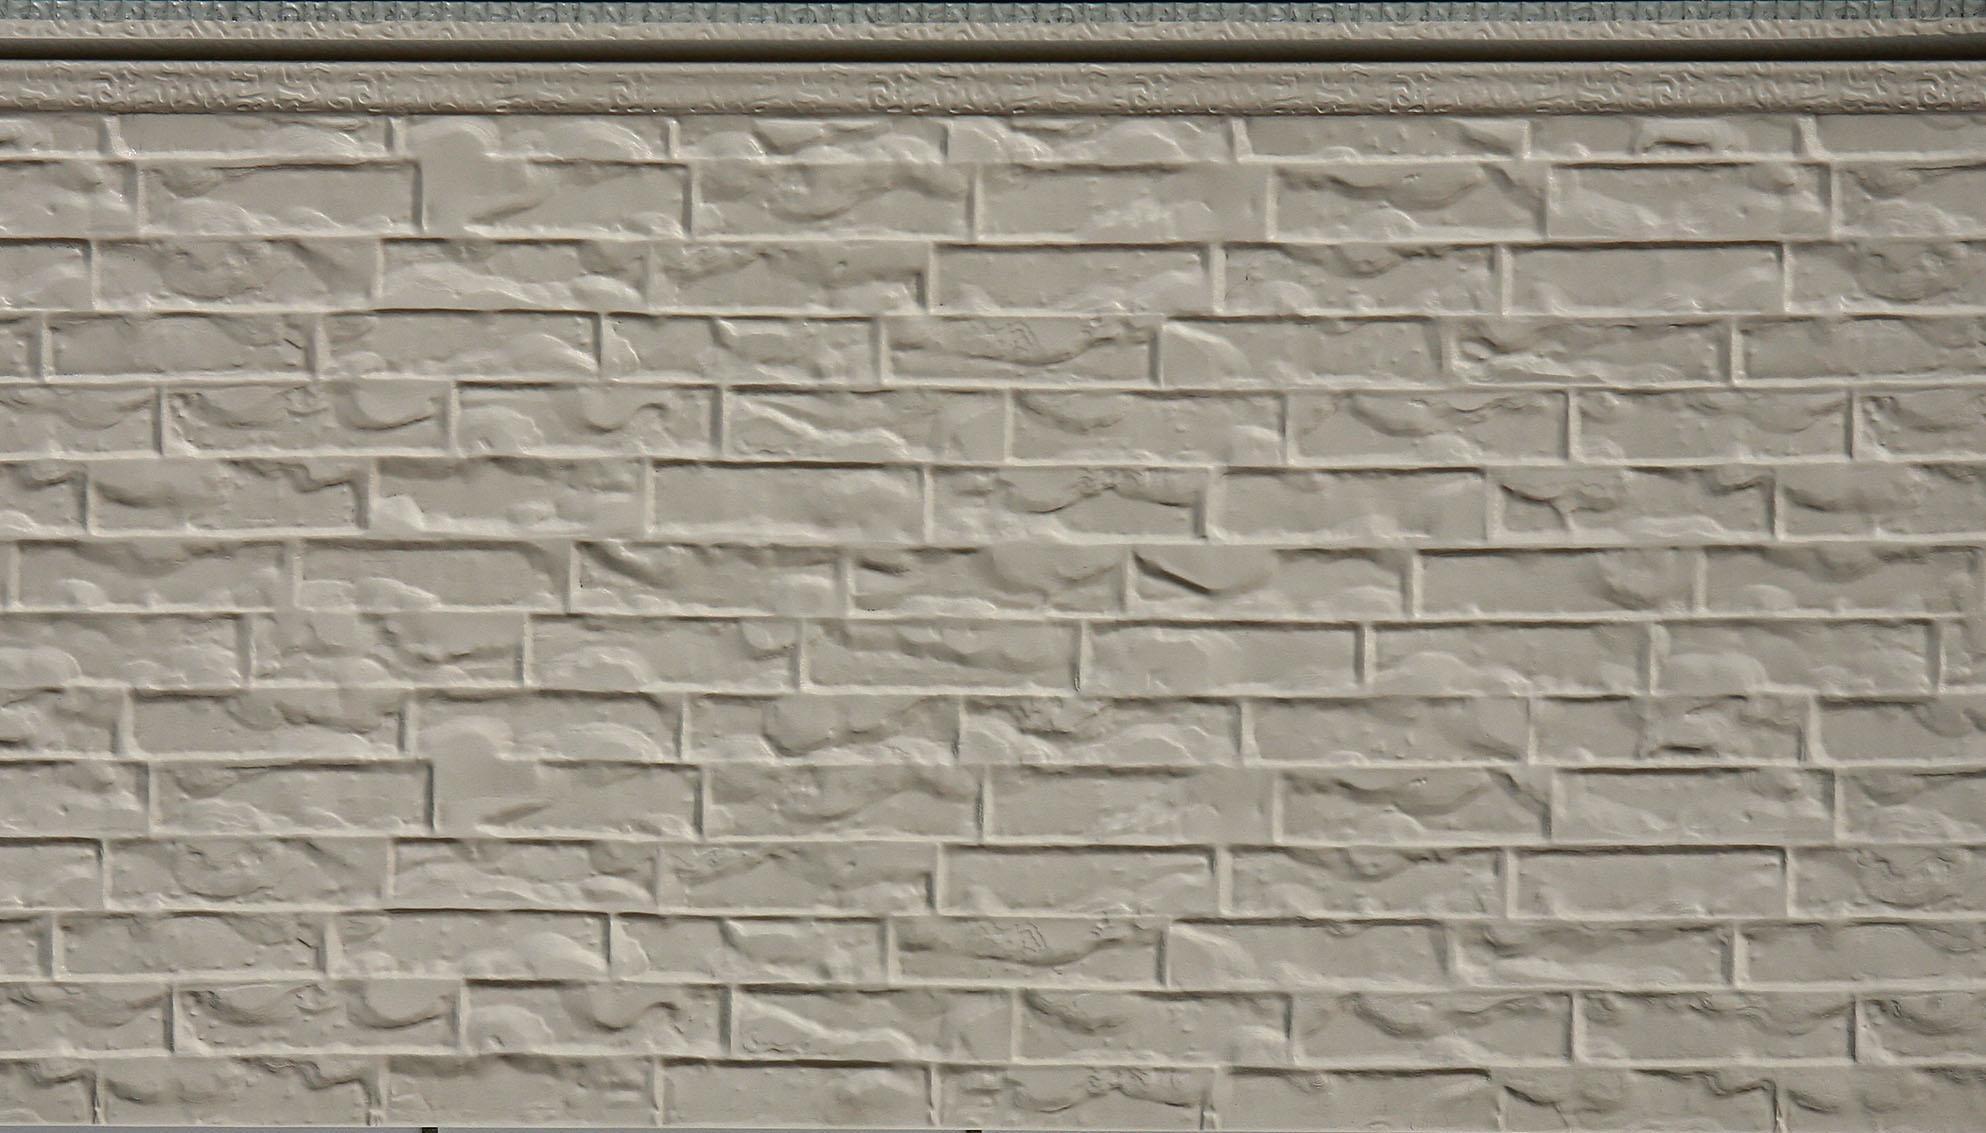 聚氨酯金属雕花 建筑工程外墙保温板